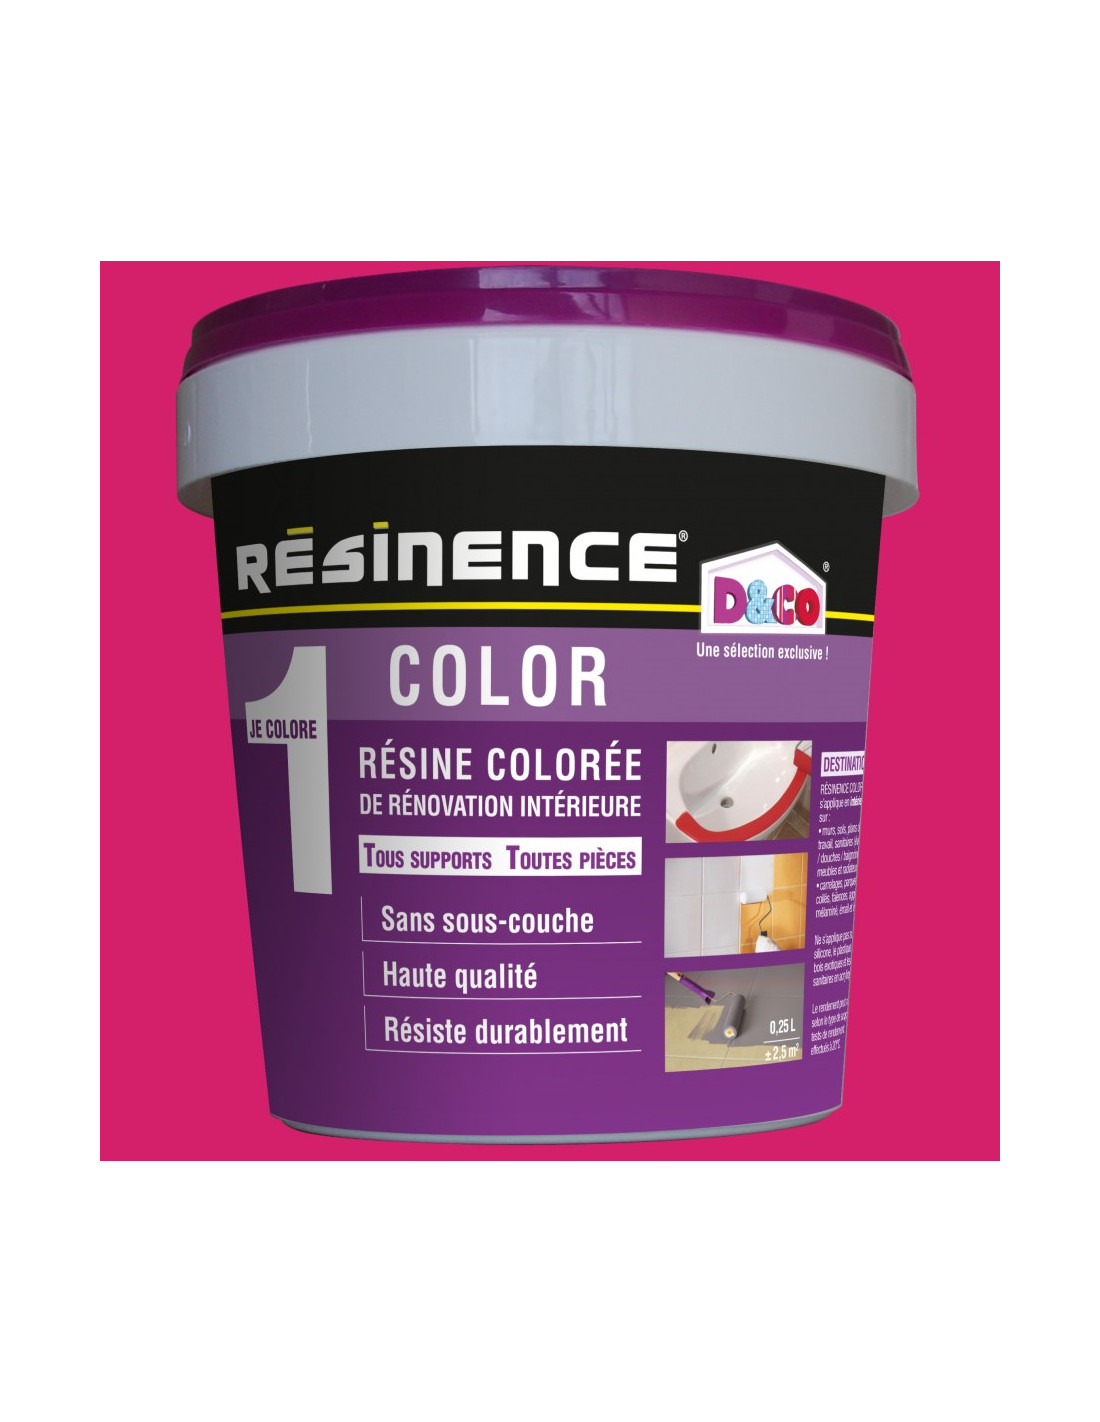 Leroy Merlin Teinture Textile resinence color résine colorée rénovation framboise 250ml